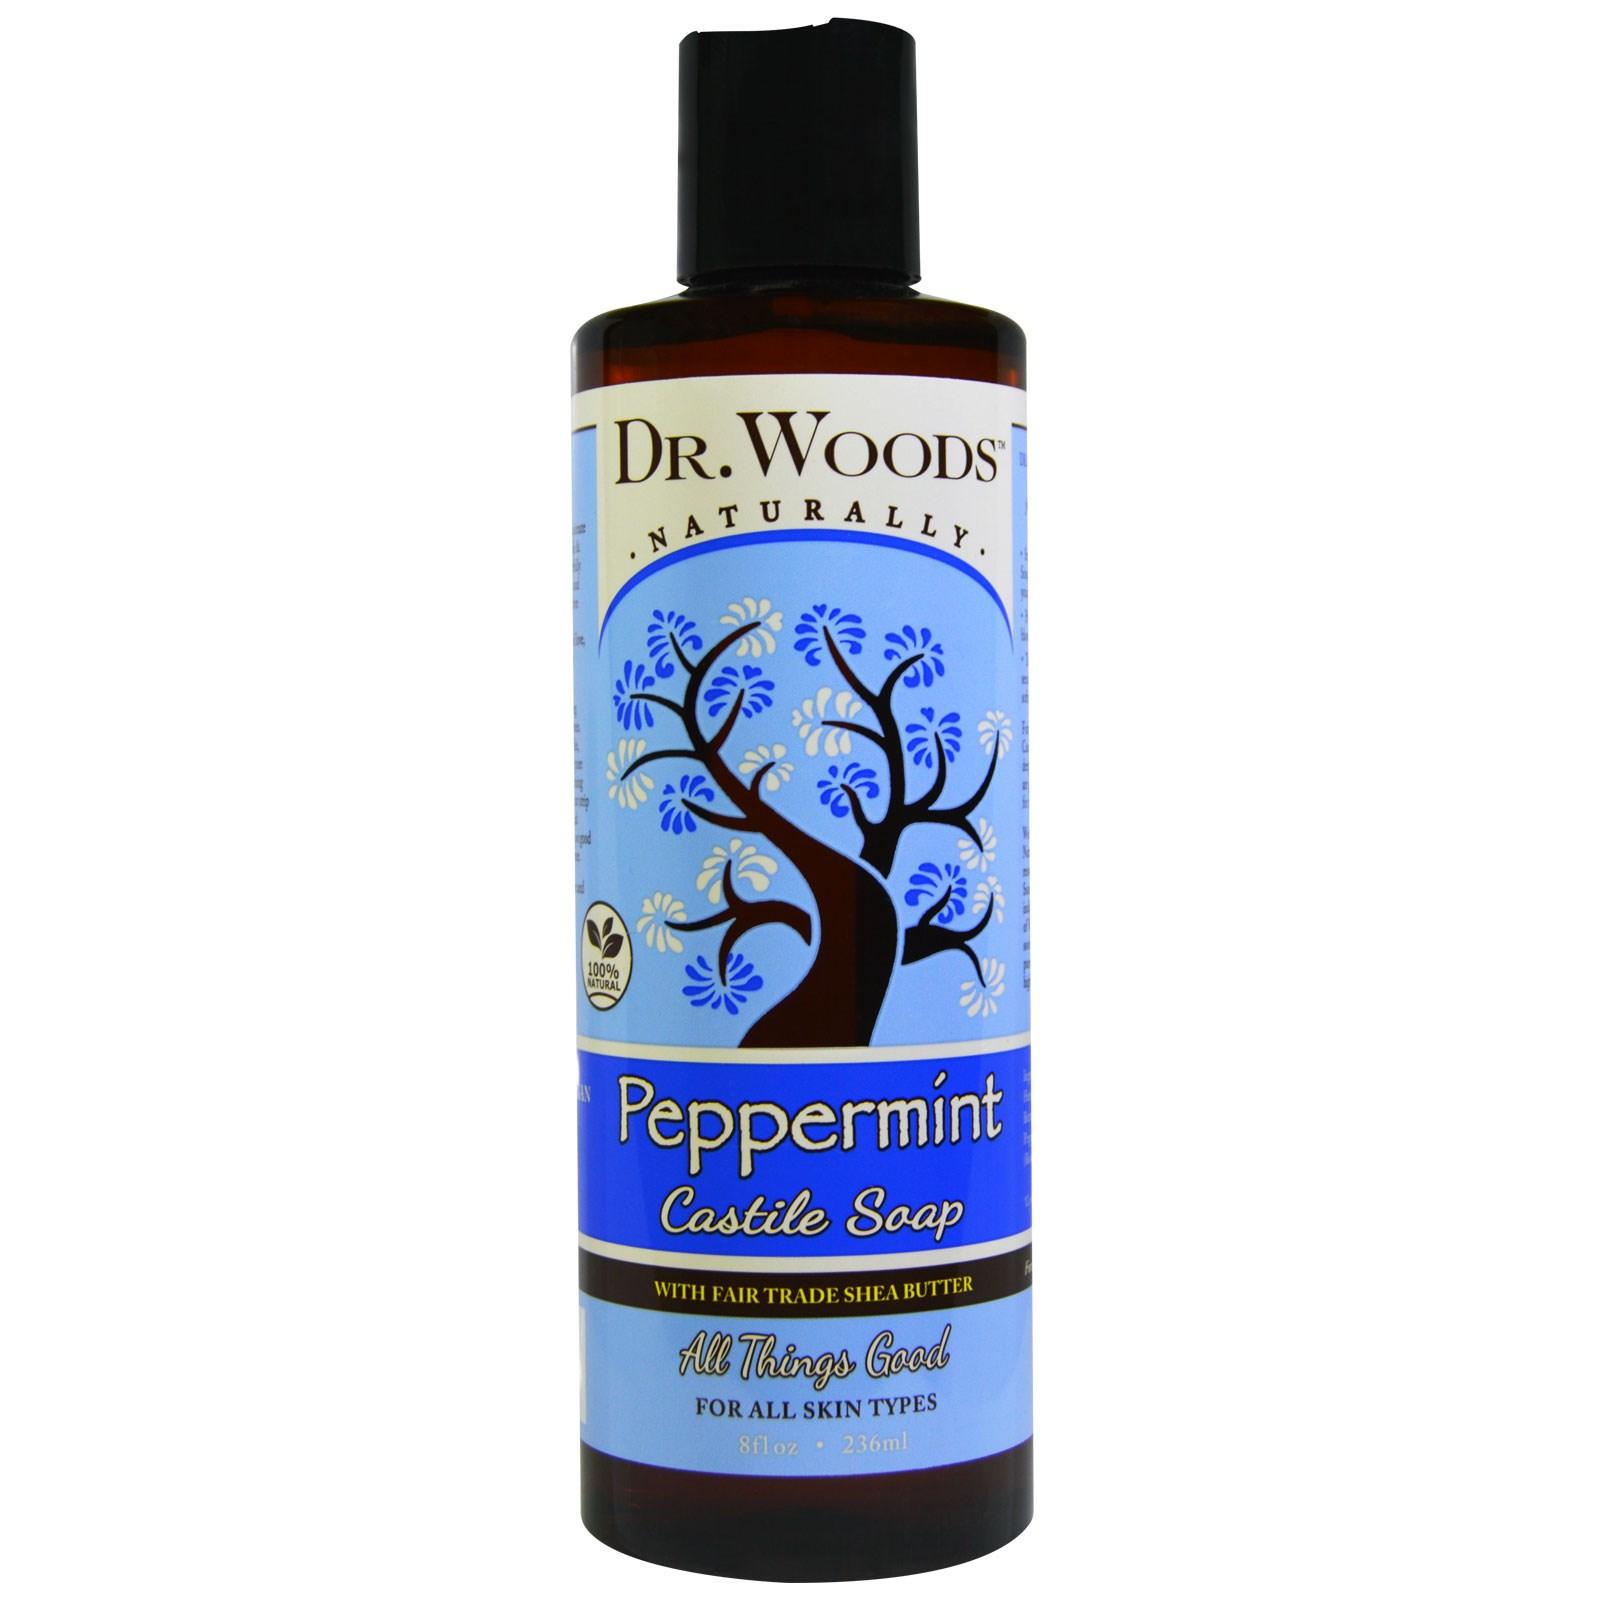 Dr. Woods, Мятное кастильское мыло с маслом ши, произведенным с соблюдением принципов справедливой торговли, 8 жидких унций (236 мл)